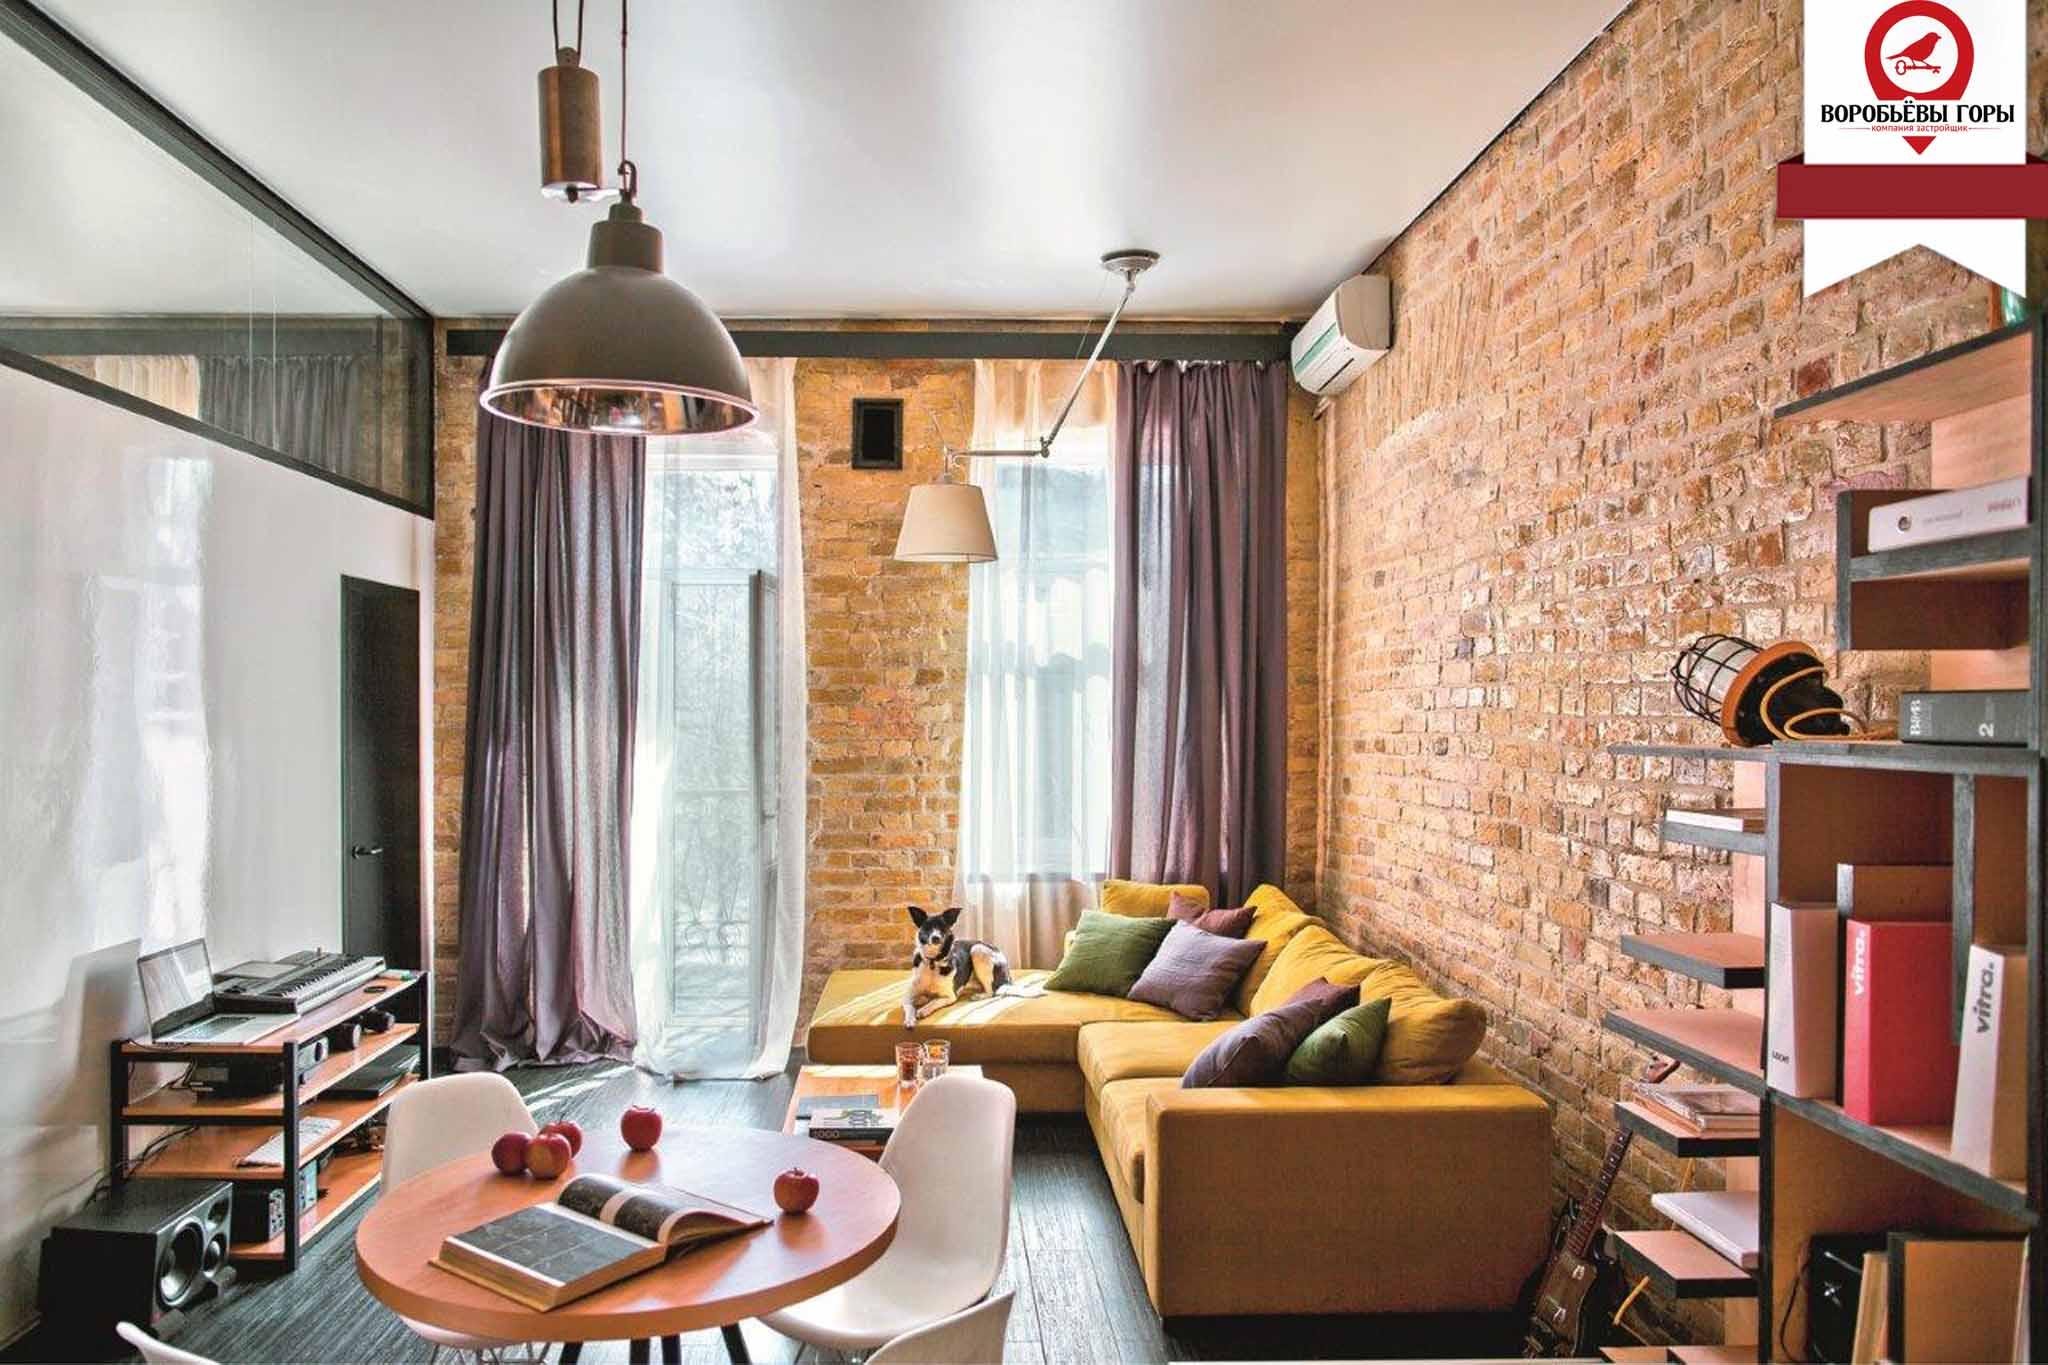 Дизайн интерьера в стиле «Лофт», его особенности